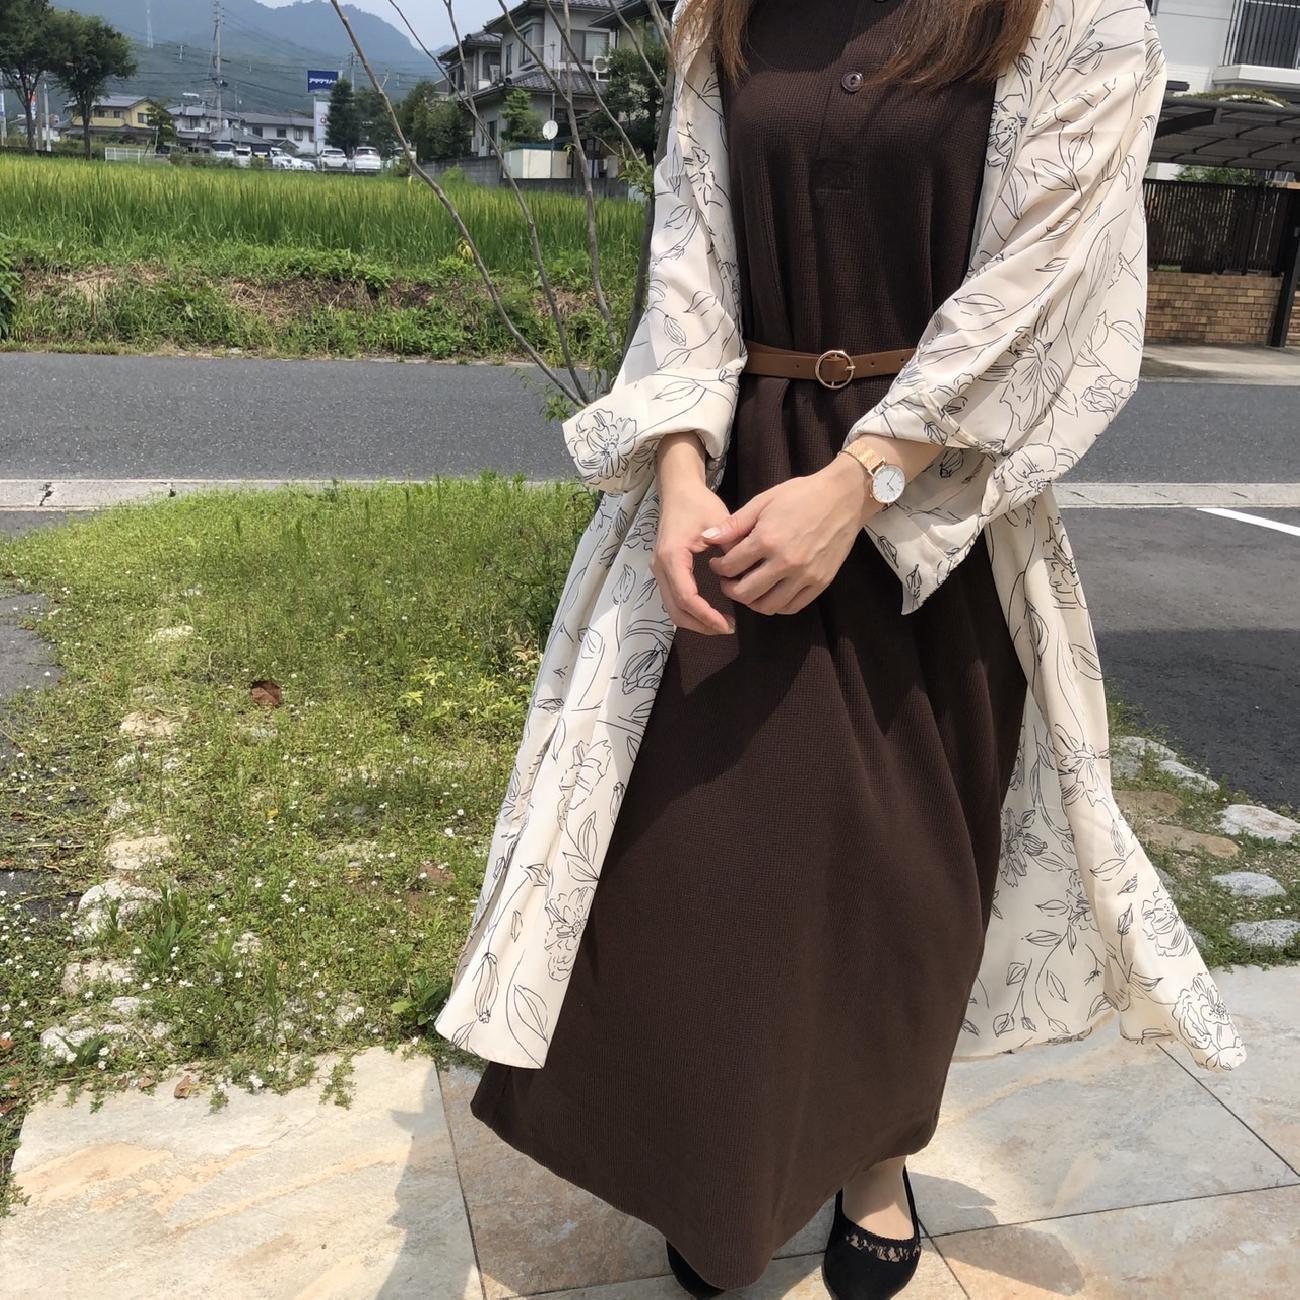 夏コーデ/秋コーデ/花柄/ワンピース/お洒落/大人可愛い/雑貨/雑貨屋